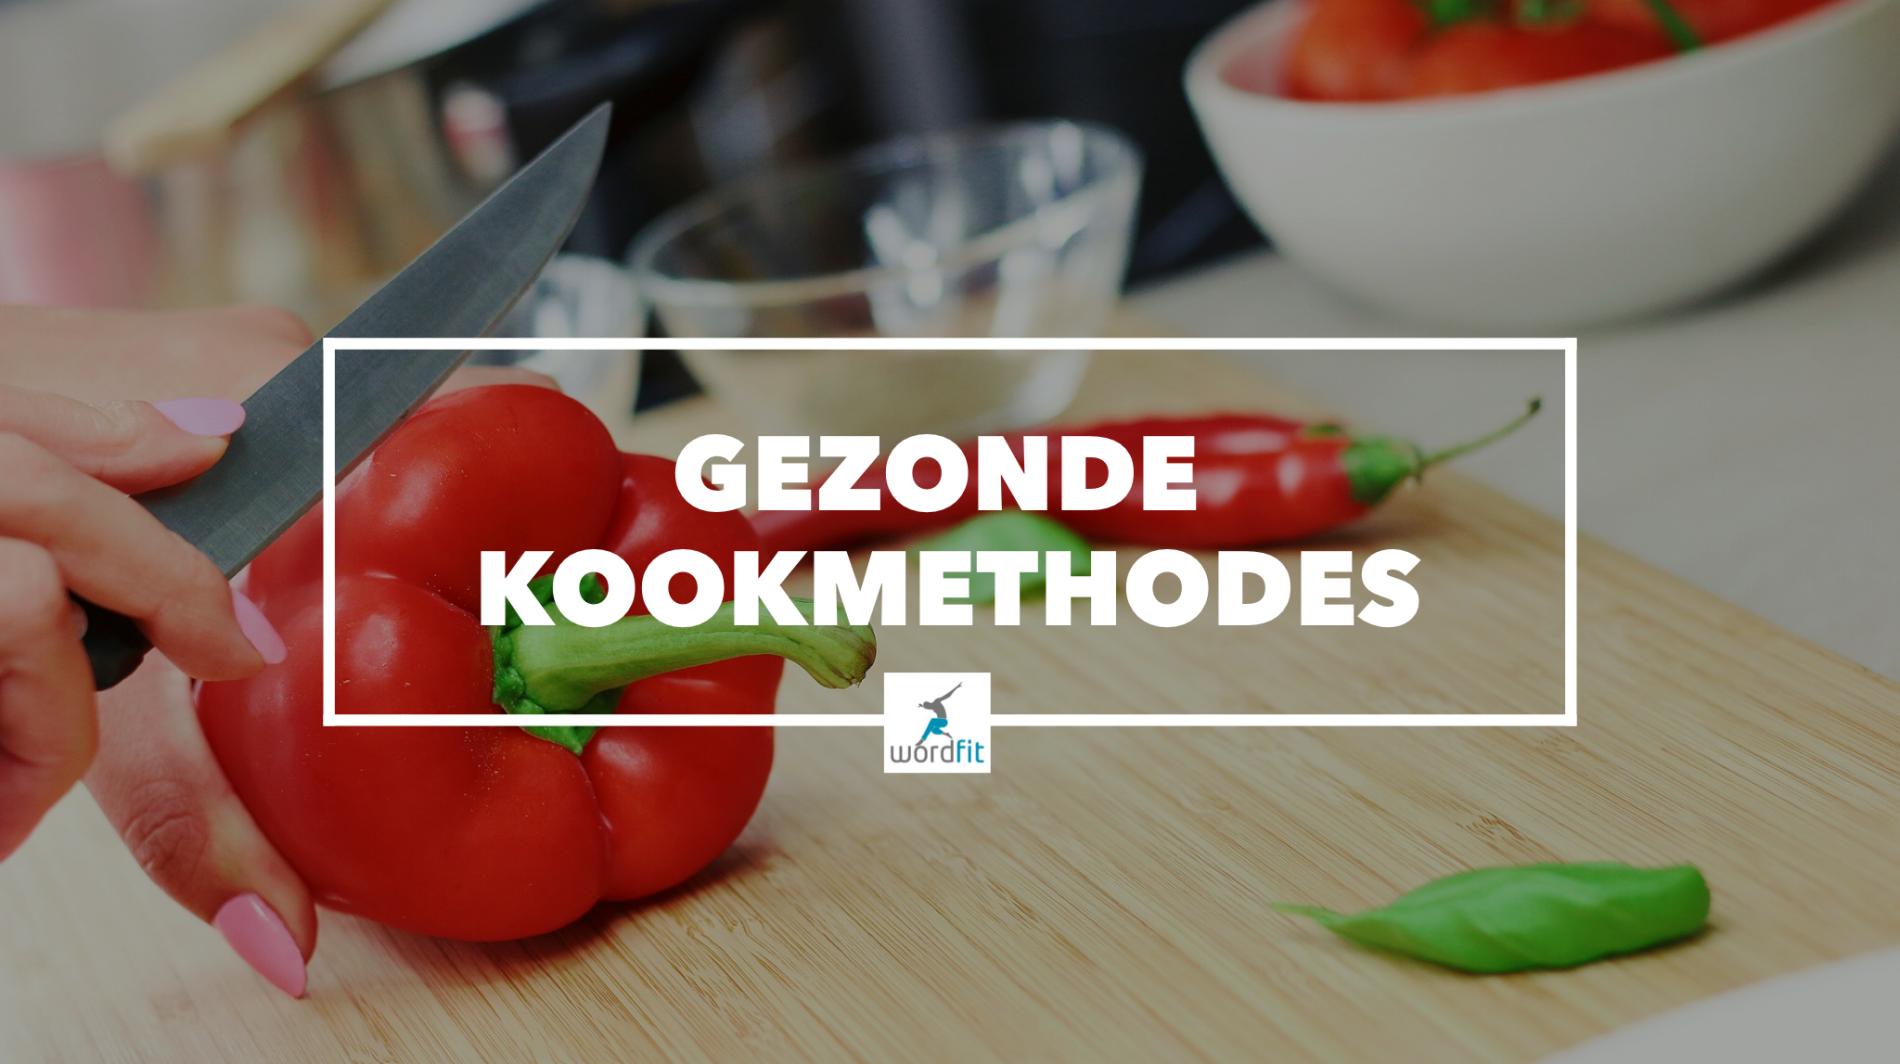 Gezonde kookmethodes WordFit.be Gezond leren eten